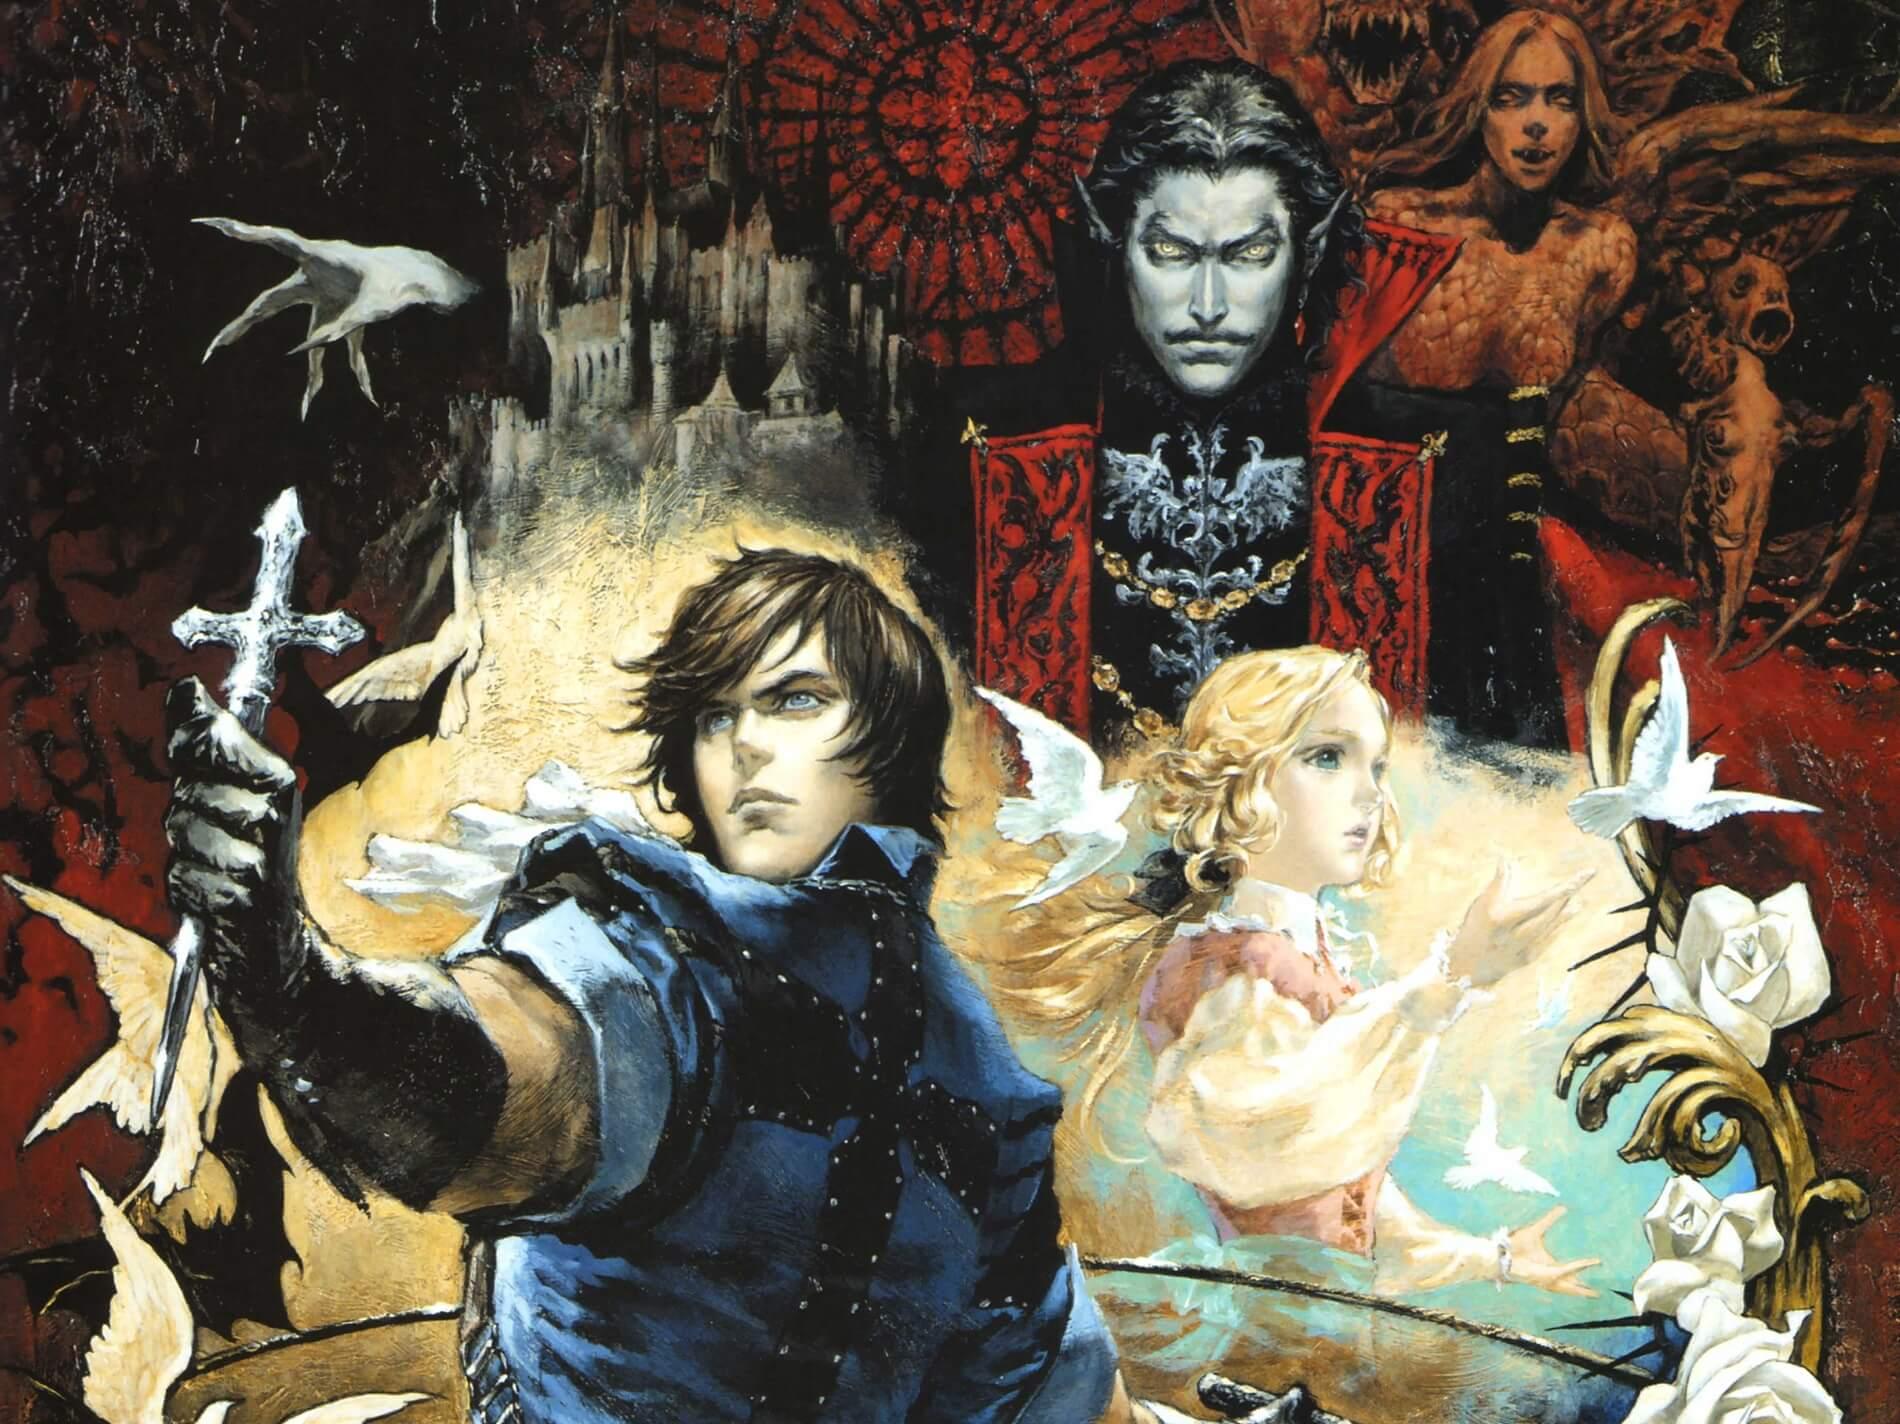 La nueva serie de Castlevania será protagonizada por Richter Belmont y María Renard